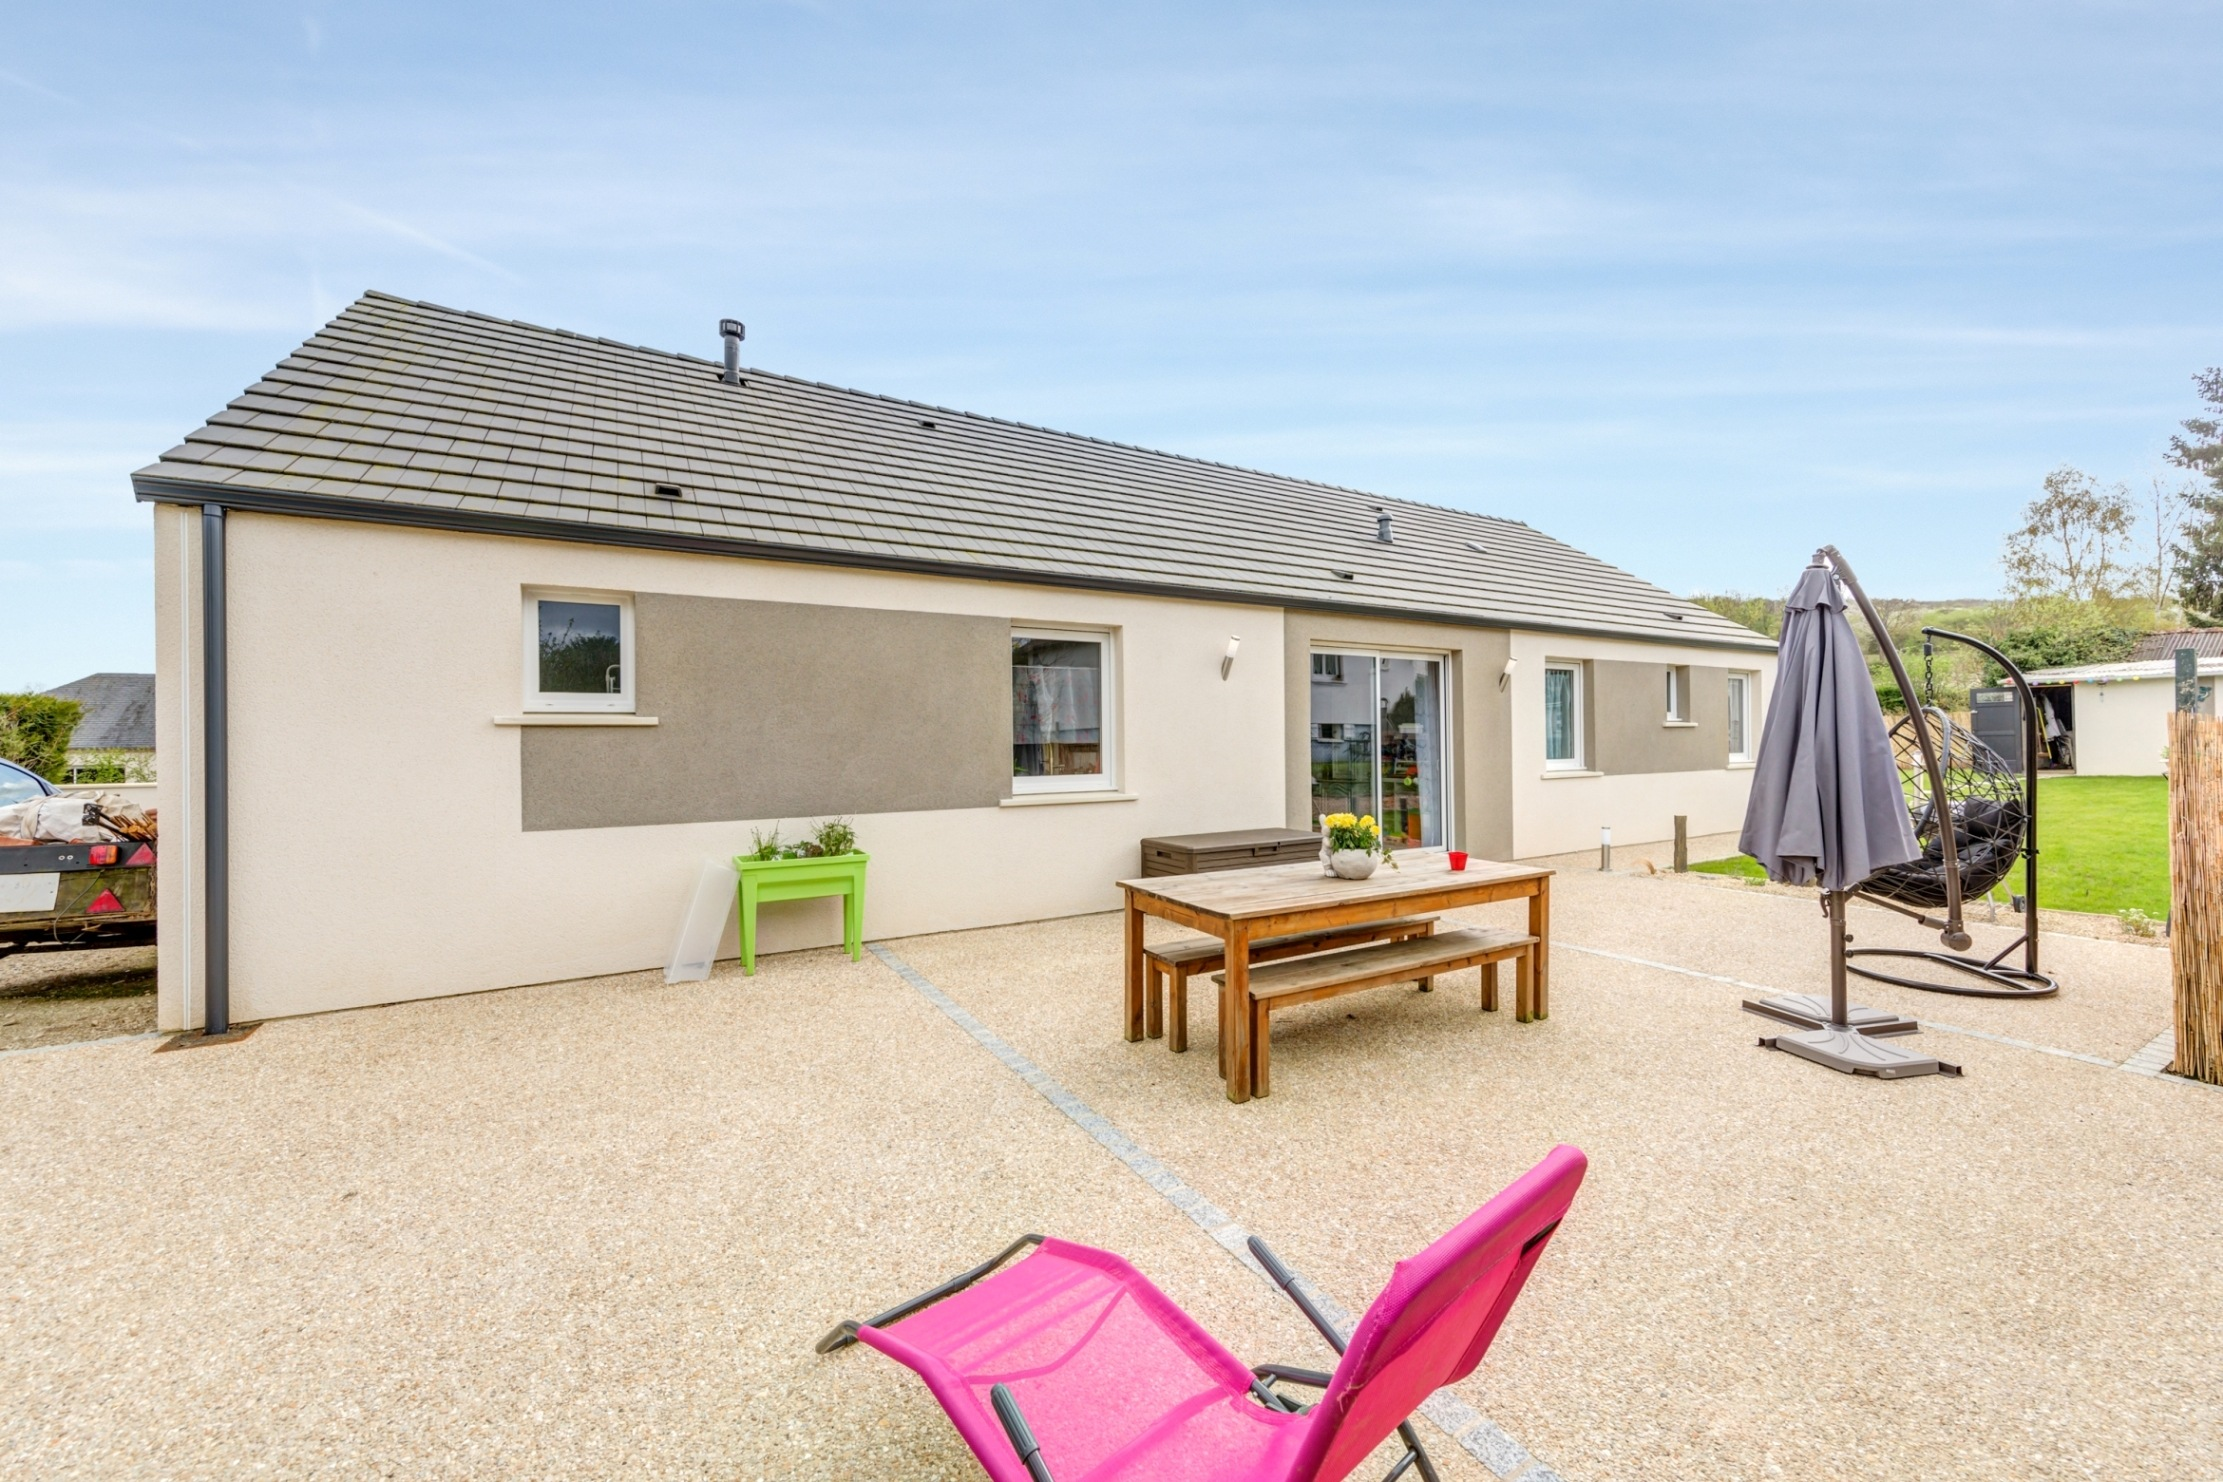 Maisons + Terrains du constructeur Maisons Phenix • 115 m² • PACY SUR EURE